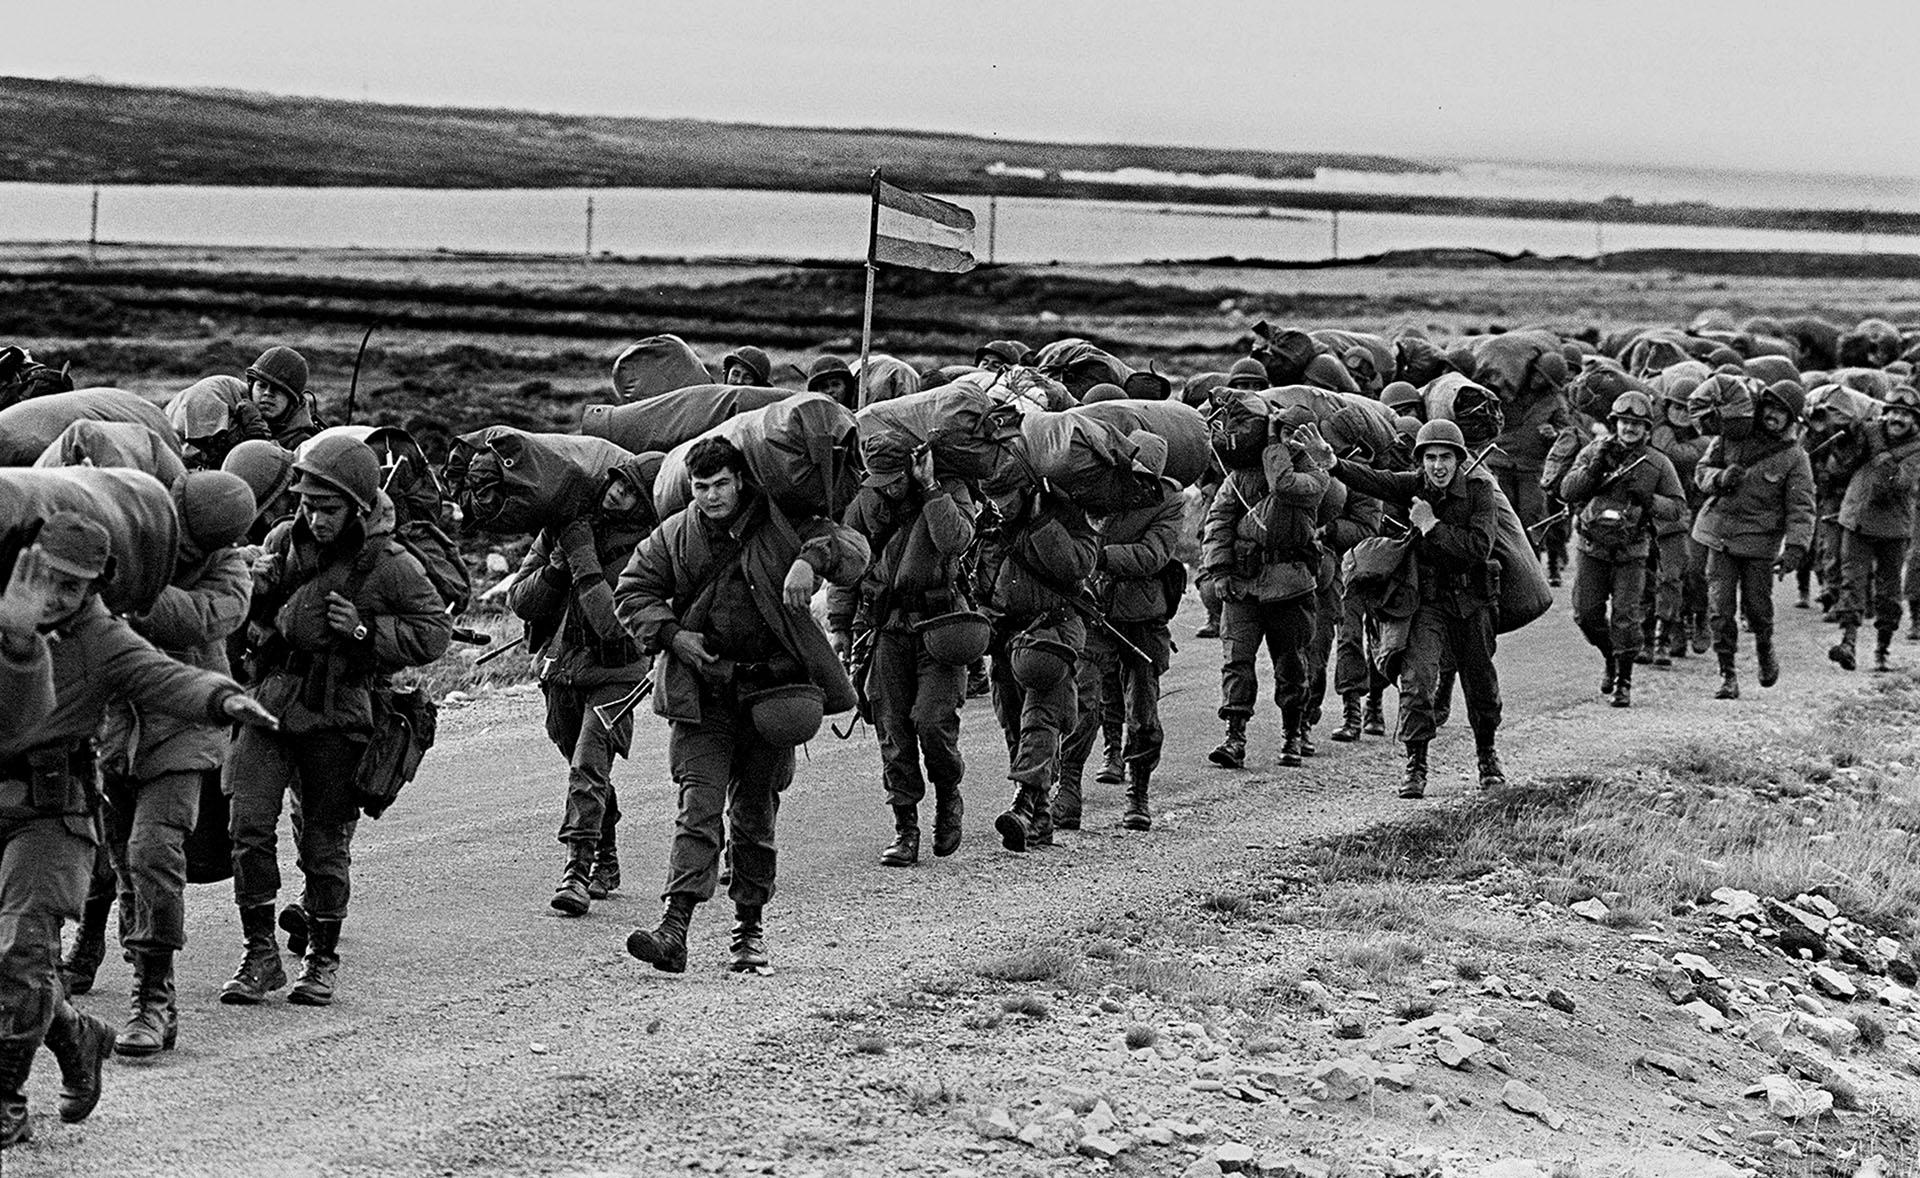 El esfuerzo y el frío se hacen sentir. El peso del equipo obliga a agachar la cabeza y avanzar. Algunos, hasta tienen tiempo para saludar y sonreír. Entreel pelotón, un soldado mantiene erguido al pabellón nacional.(Foto: AFP).